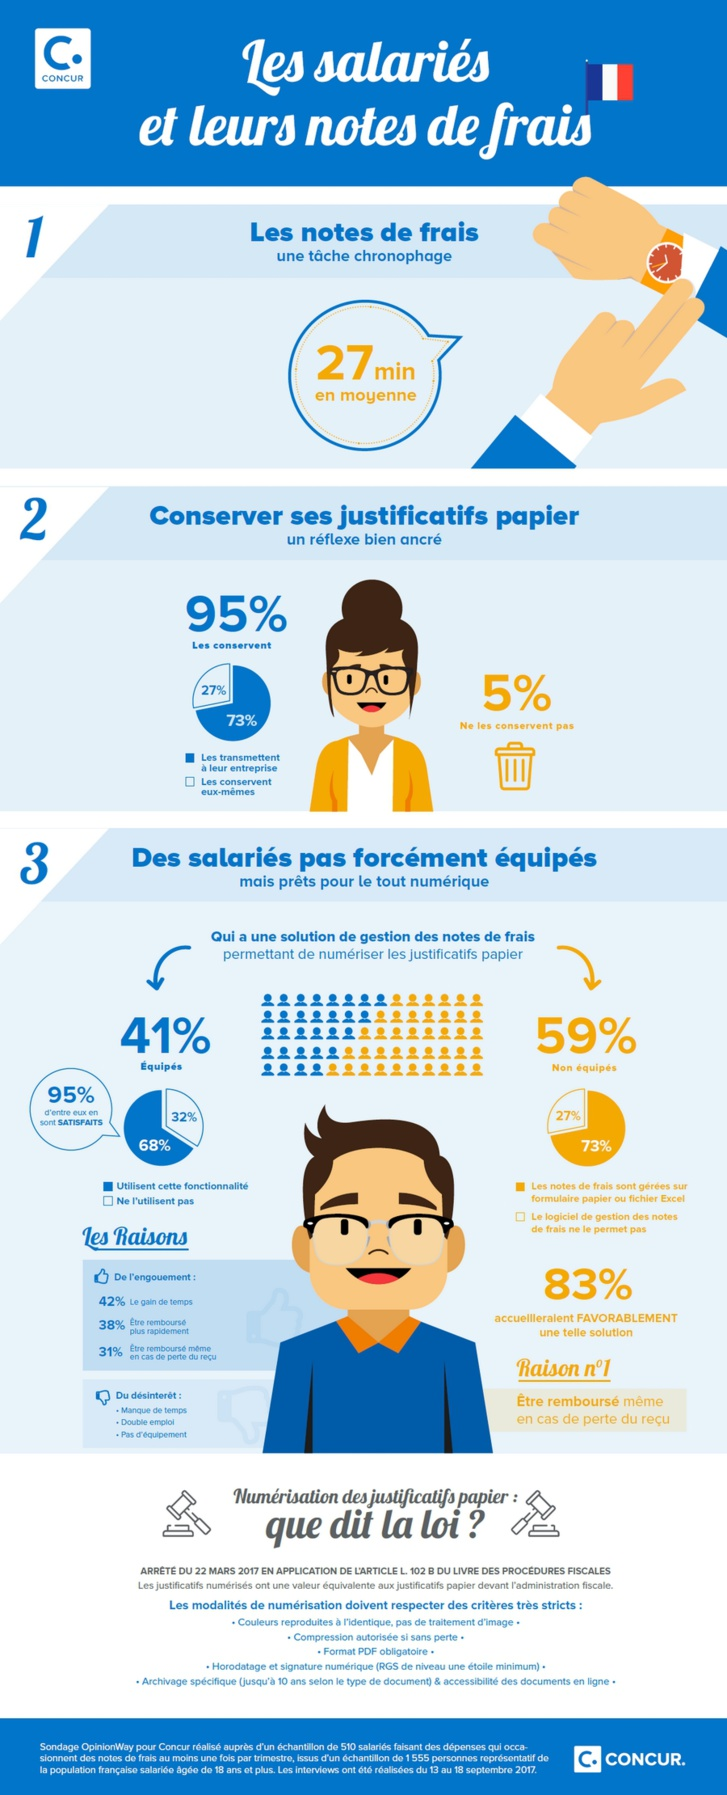 Les salariés français et les notes de frais